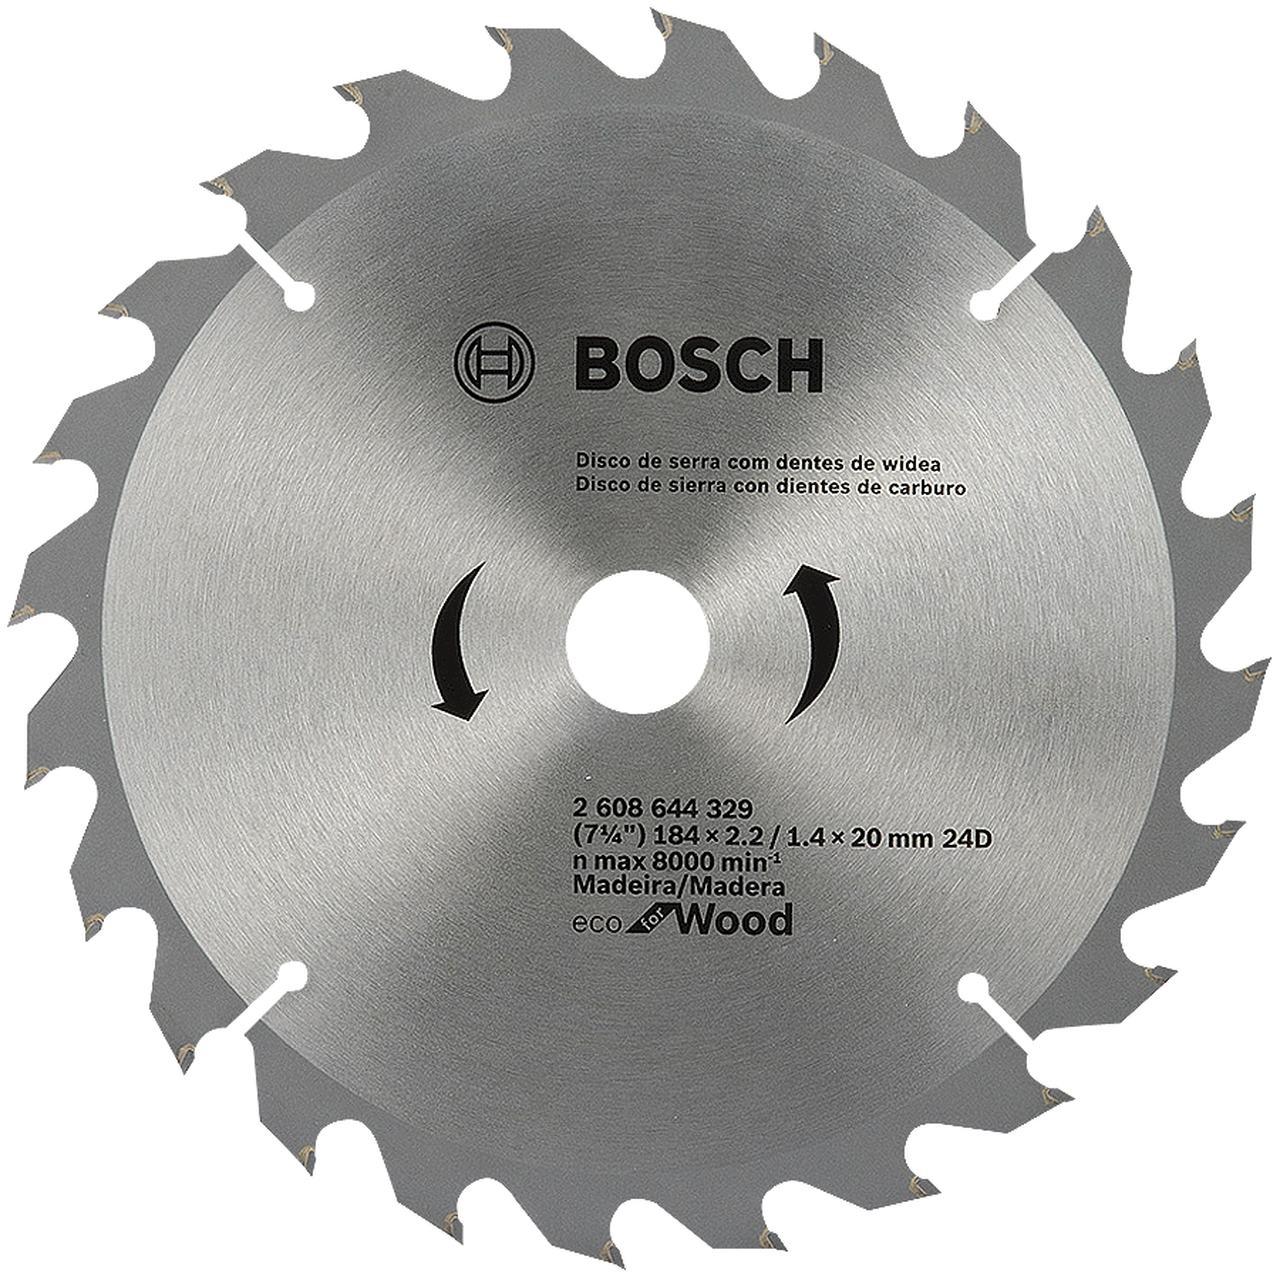 """Disco de serra para madeira 7.1/4"""" 184mm X 20/16 24 dentes Bosch 2608644329"""